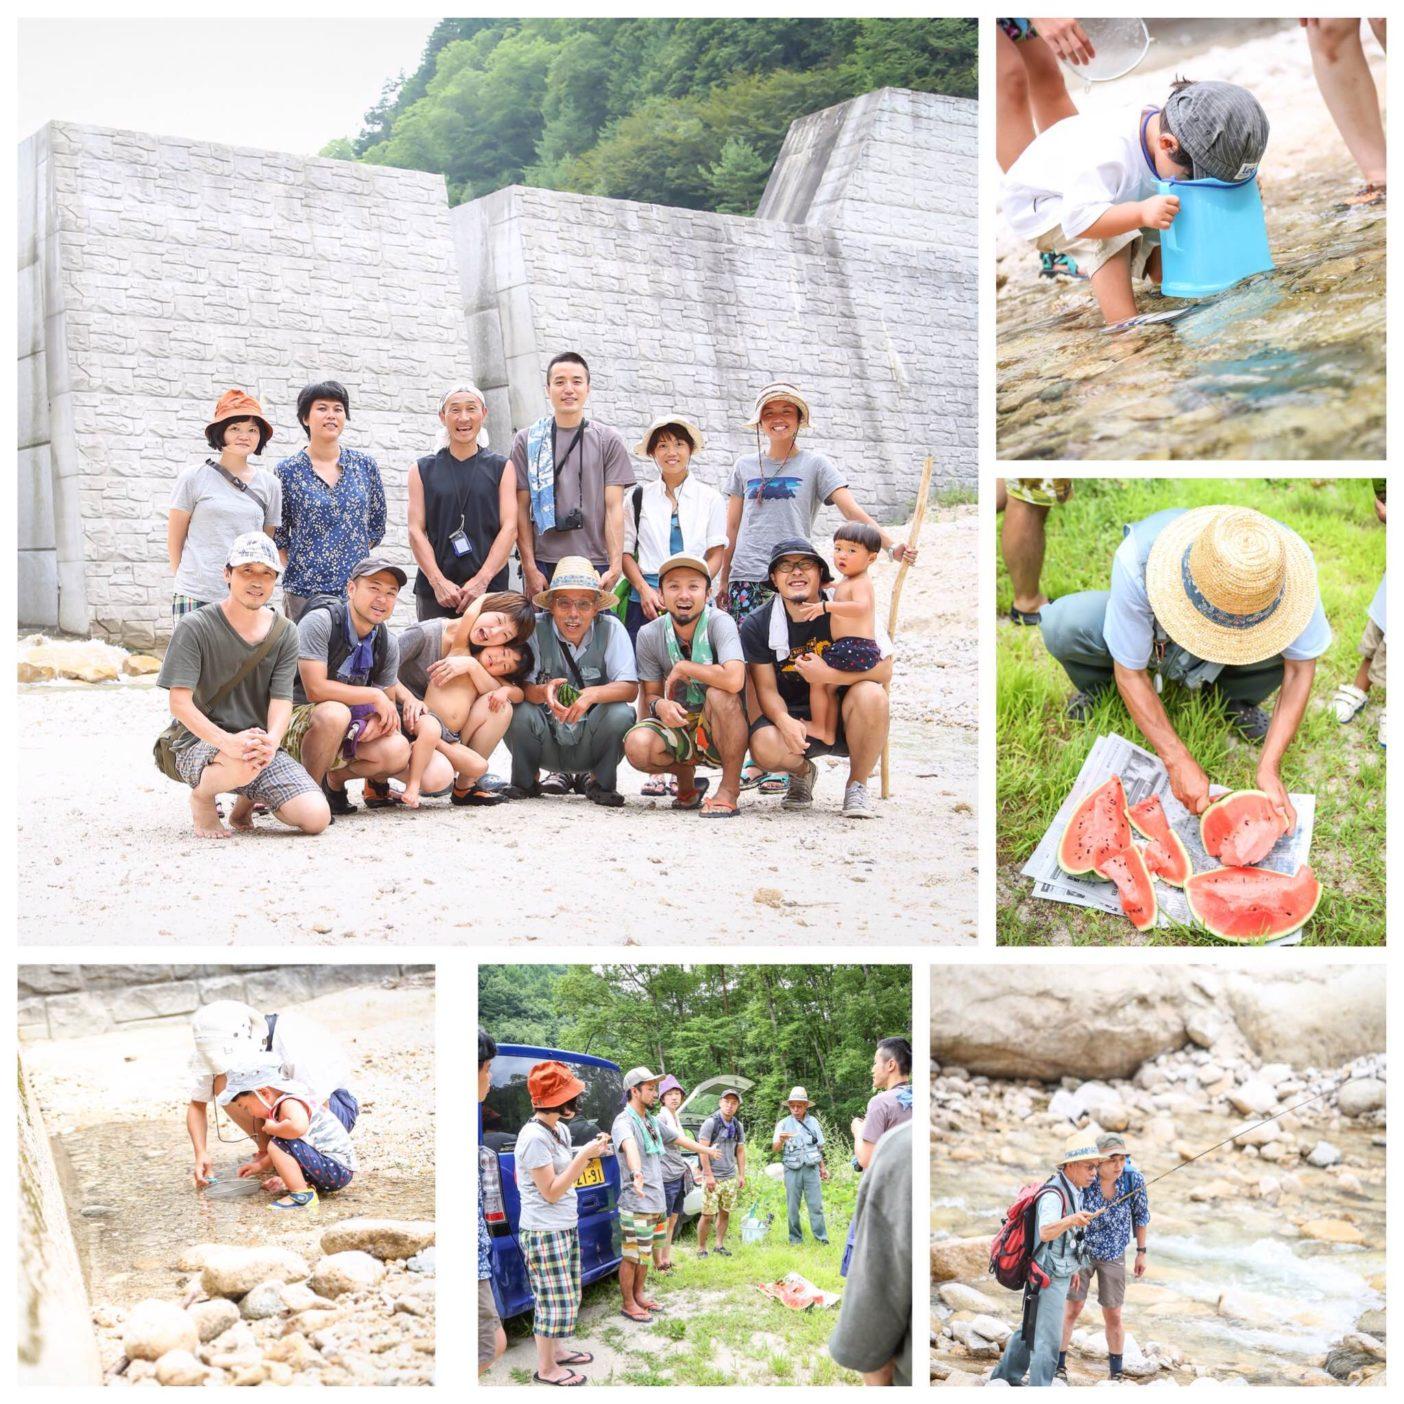 渓流保護ネットワークとパタゴニア白馬で企画した川遊びイベントの様子。写真:古厩志帆